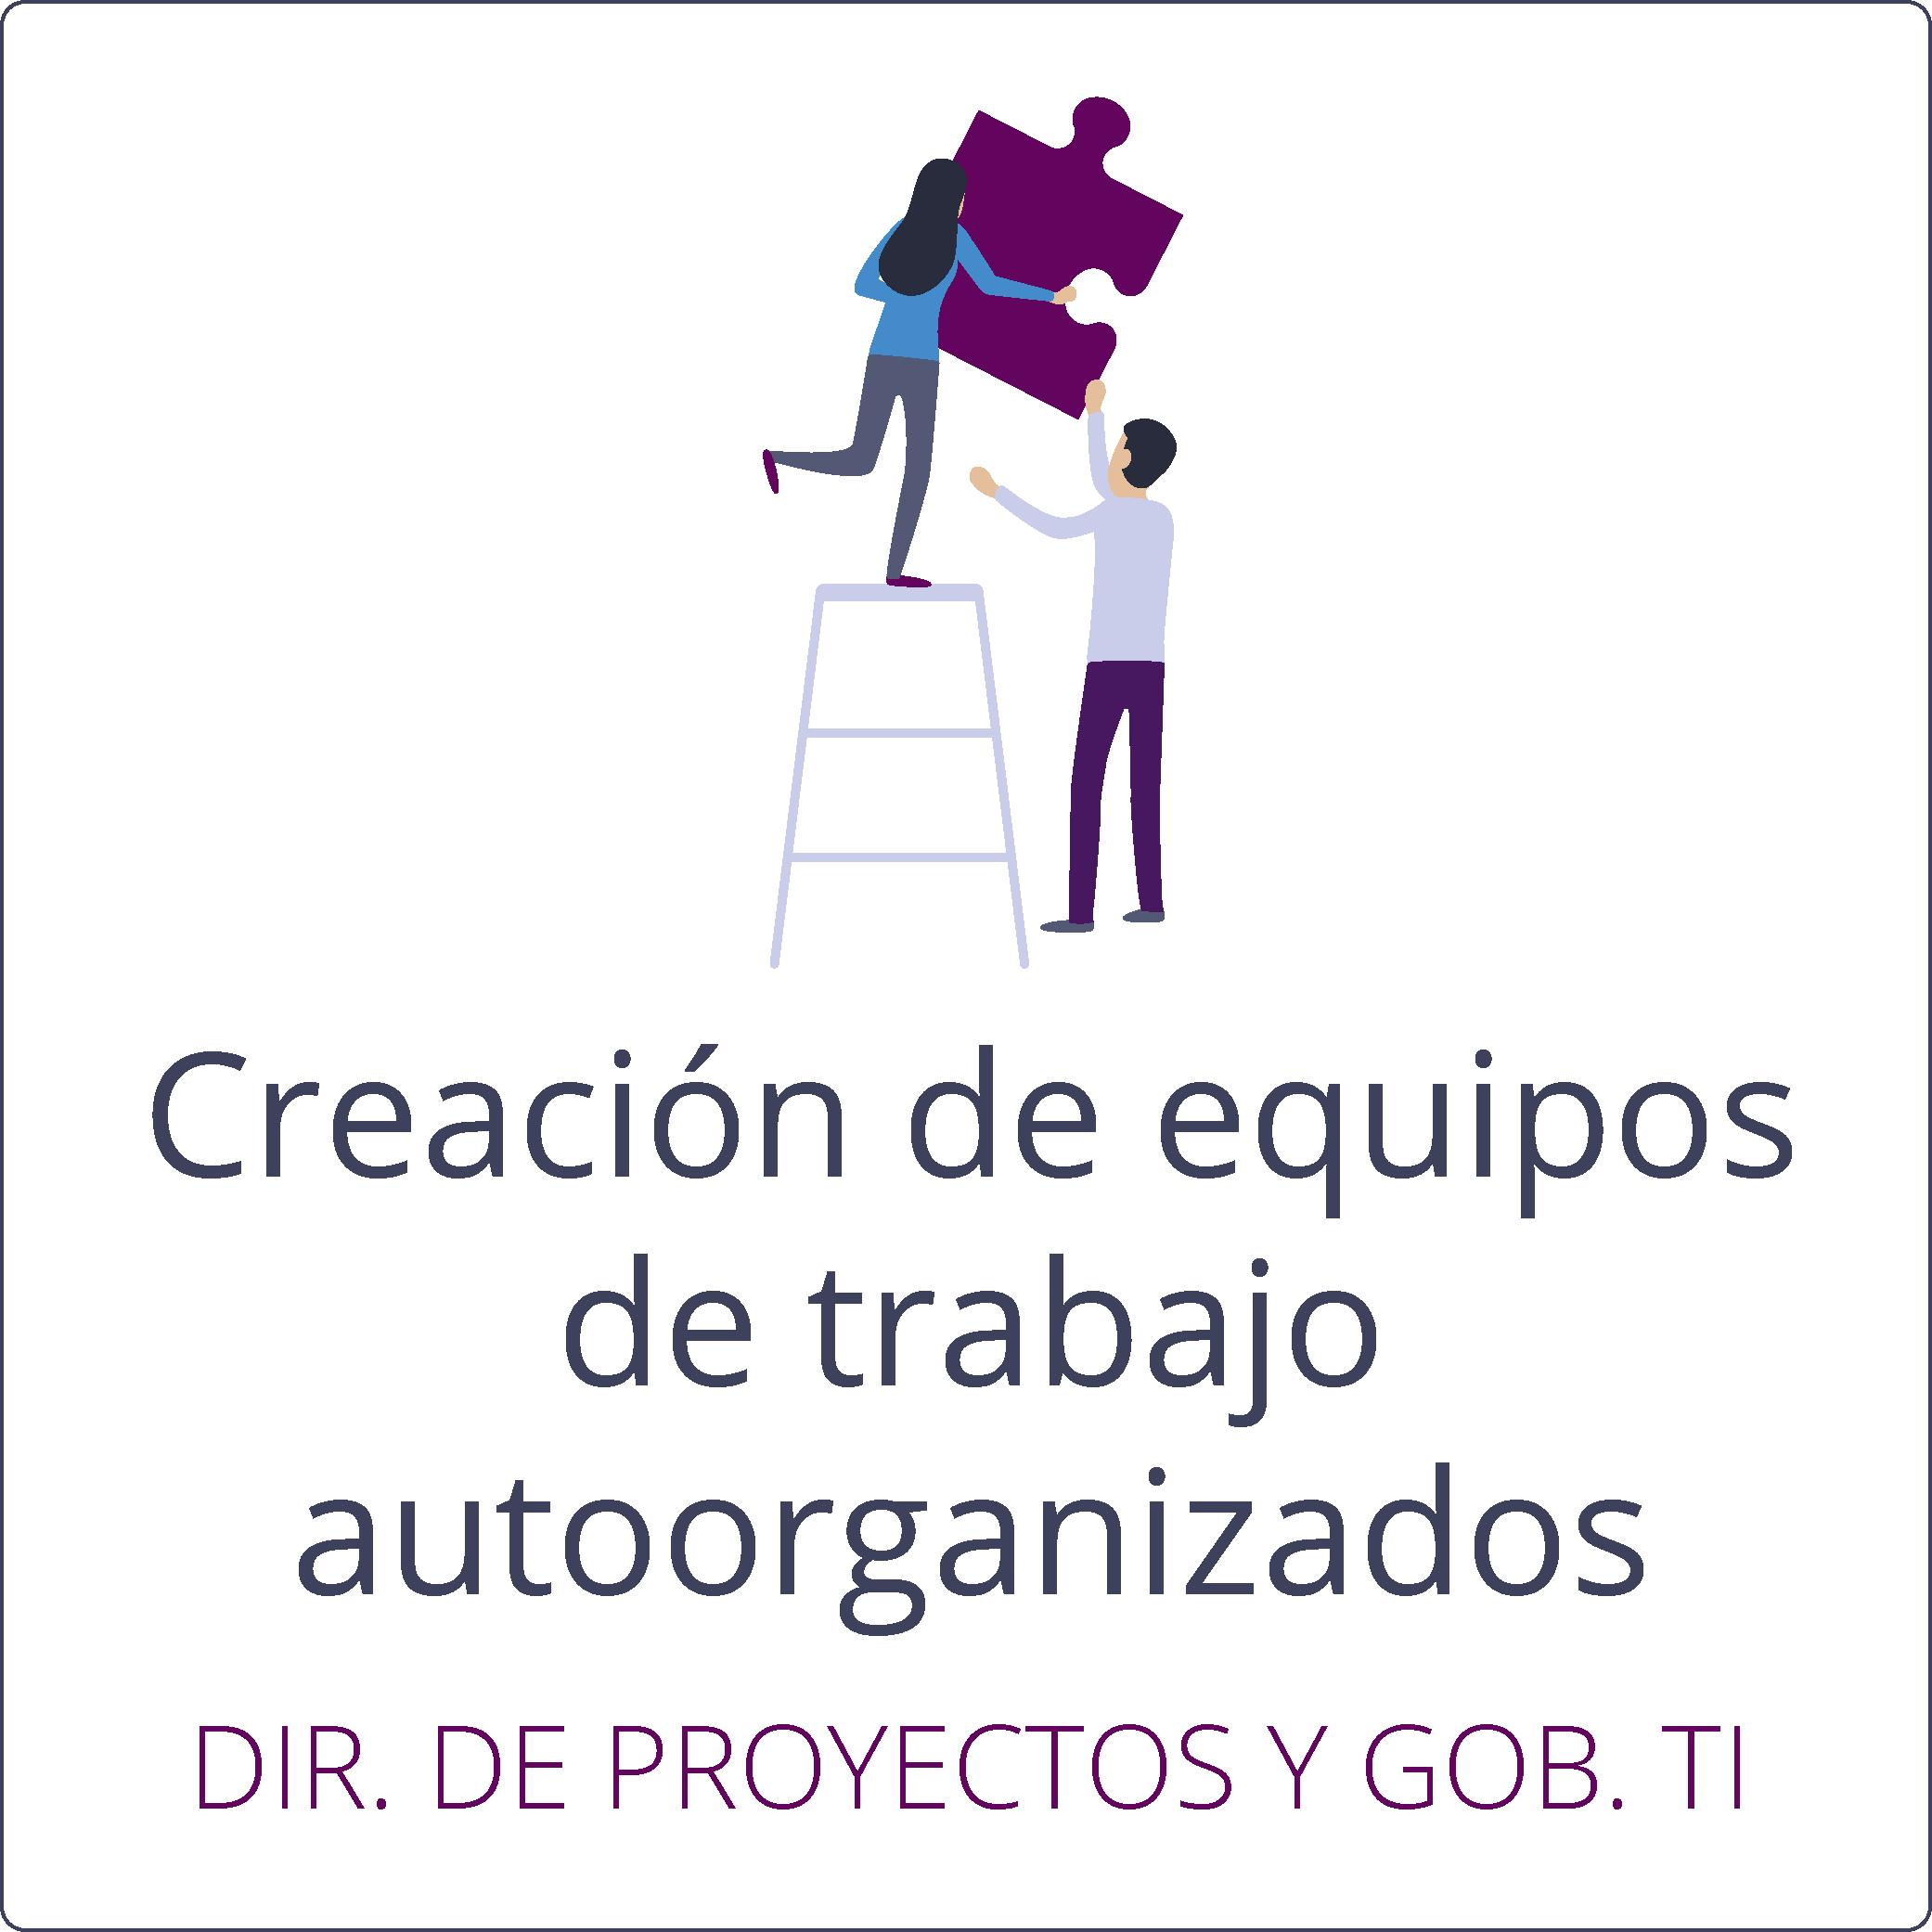 Creación de equipos de trabajo autoorganizados